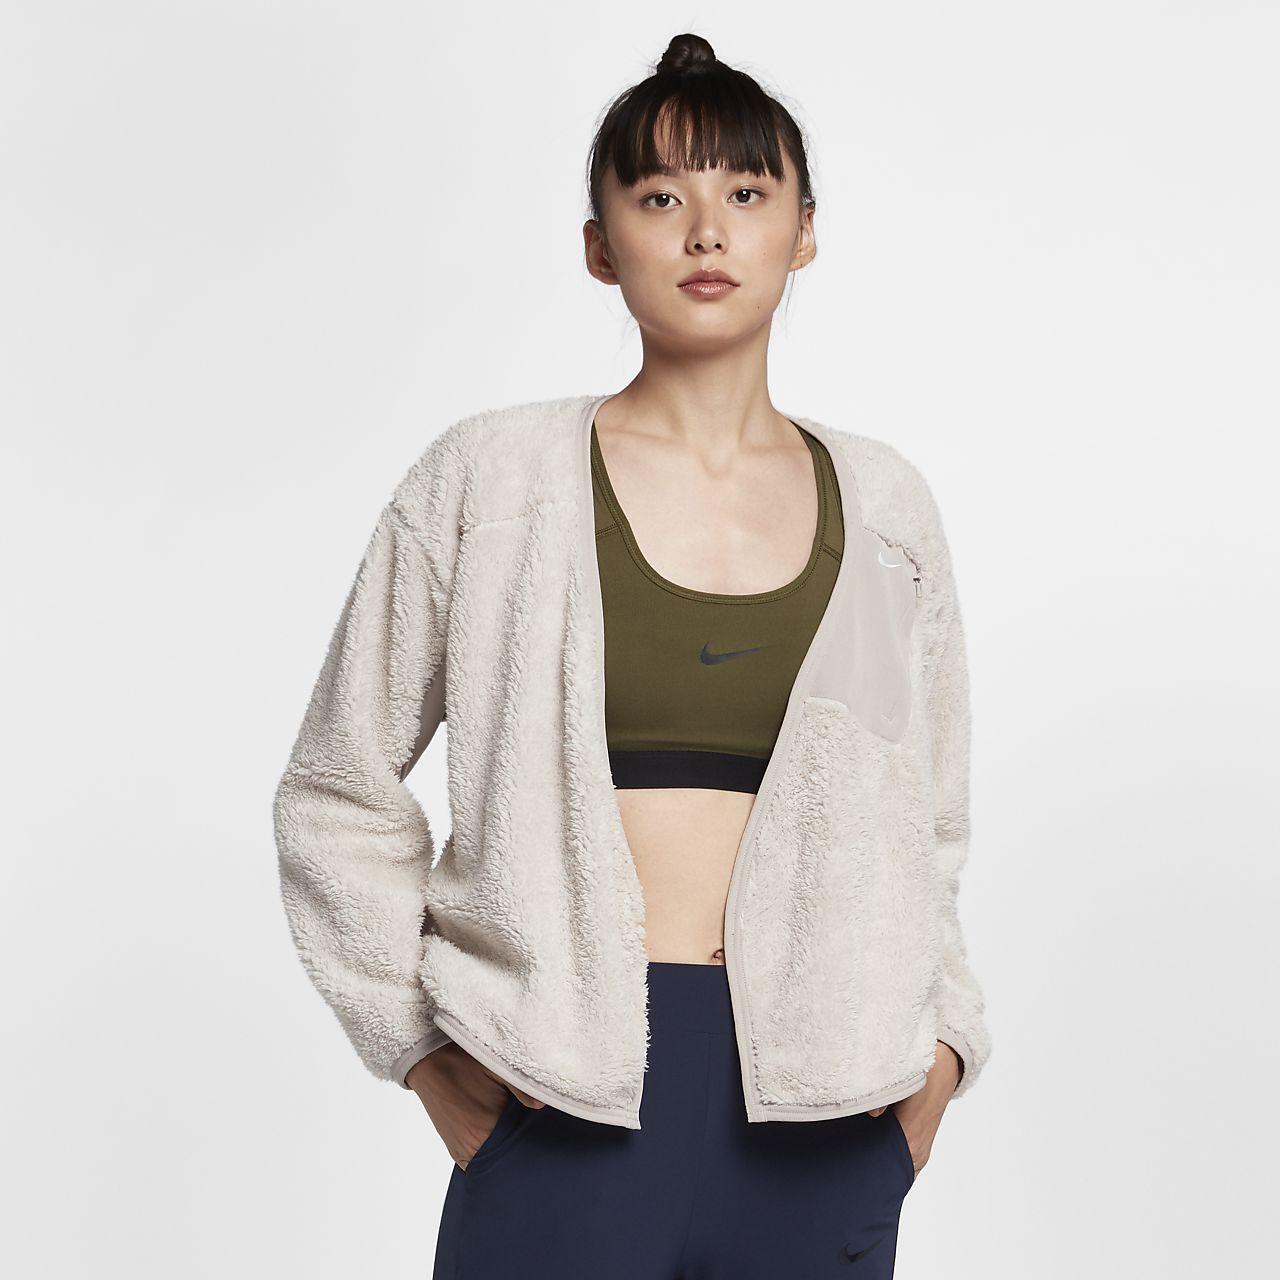 Haut de training modulable à manches longues Nike pour Femme